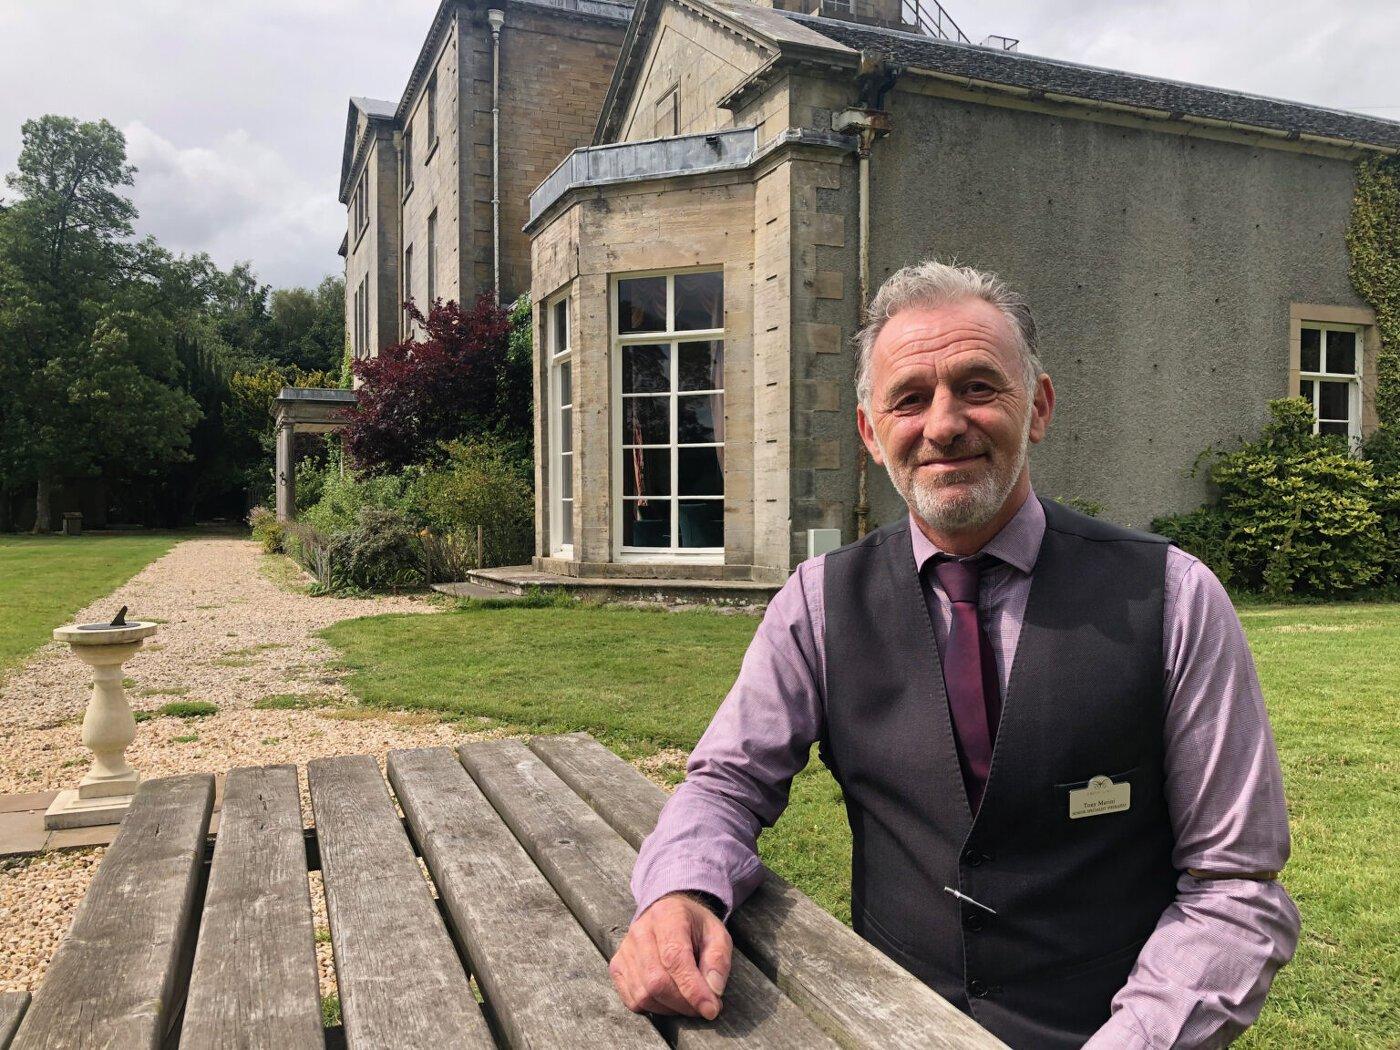 O terapeuta do Castle Craig, Anthony Marini, foi o primeiro a identificar uma ligação entre aposta e o vício em criptomoedas. (Foto: Decrypt)